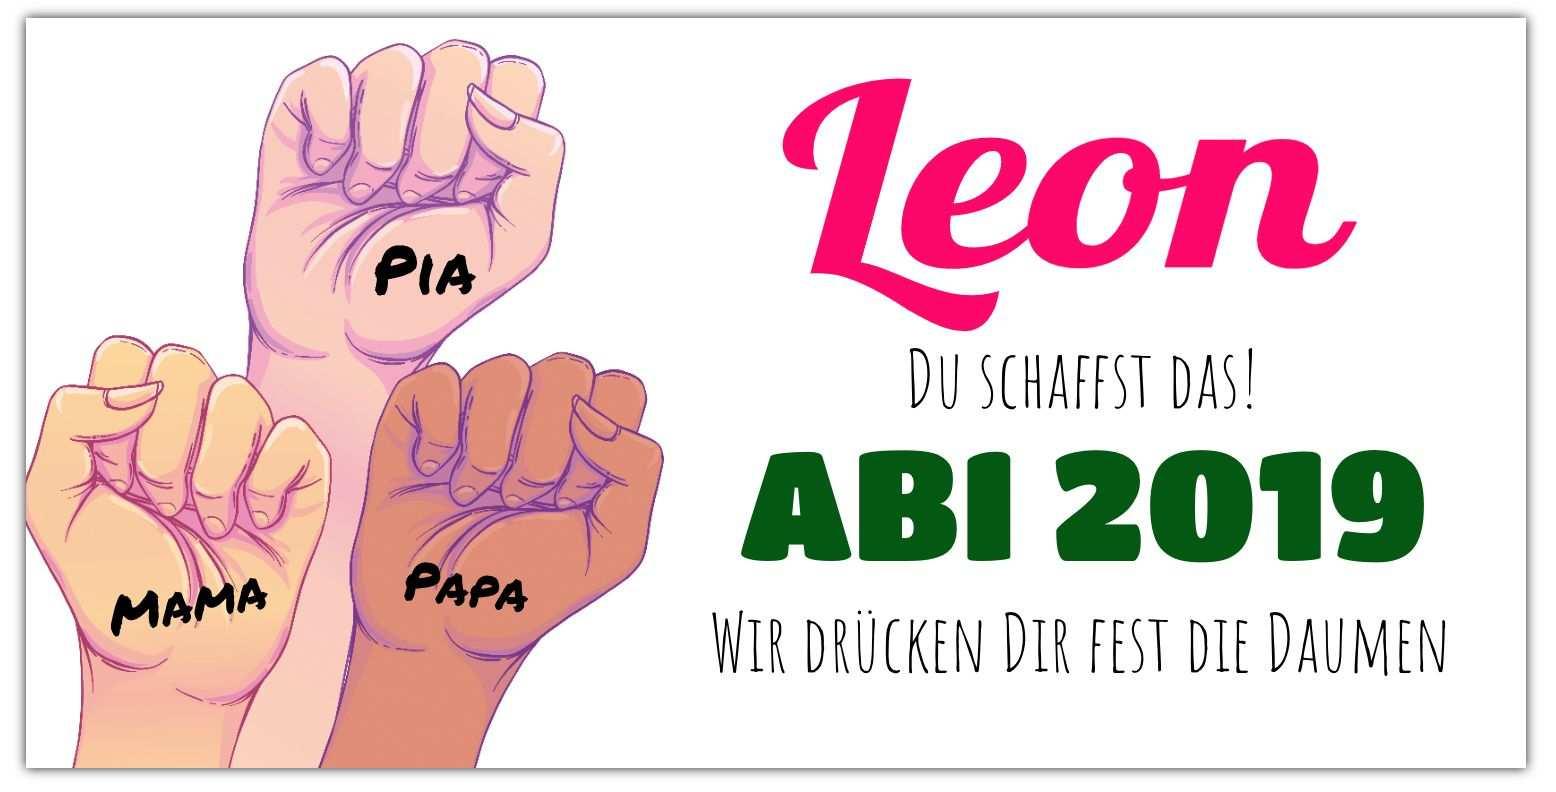 Abi Banner Daumen Drucken In 2020 Abi Plakate Abi Banner Ideen